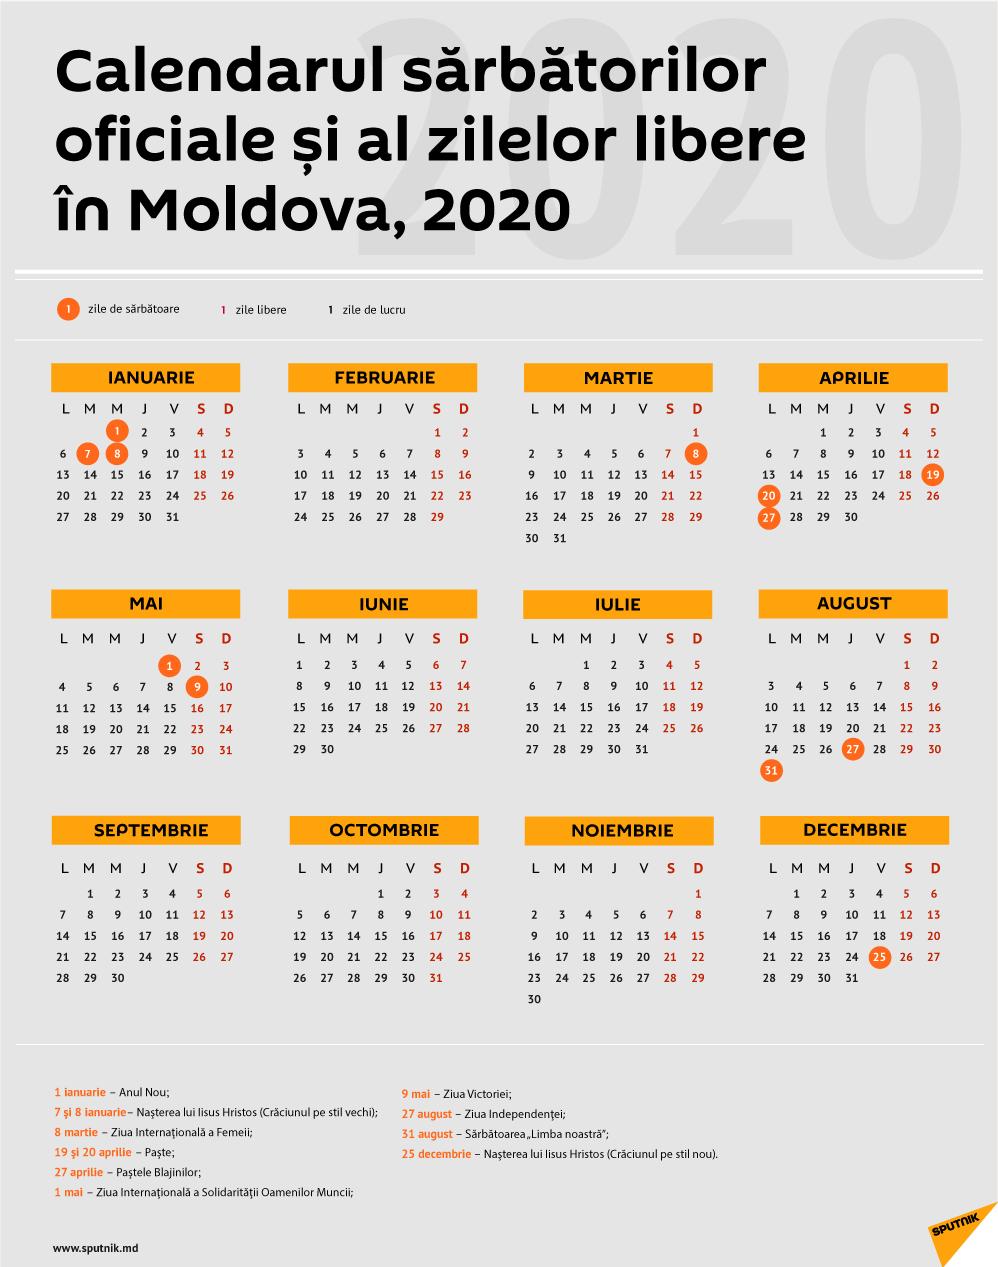 Calendarul Zilelor De Odihnă În Moldova În 2020 with regard to Calendar 2020 Zile Lucratoare